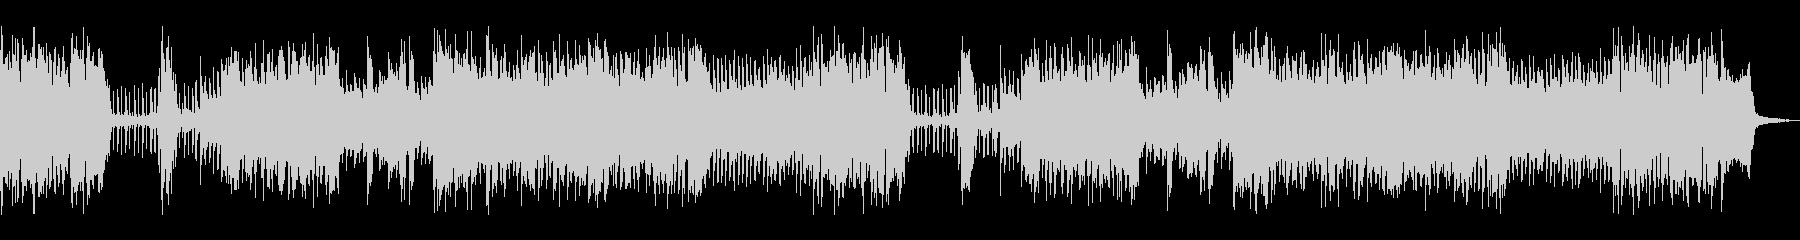 スパイイメージのレトロでジャジーな曲の未再生の波形